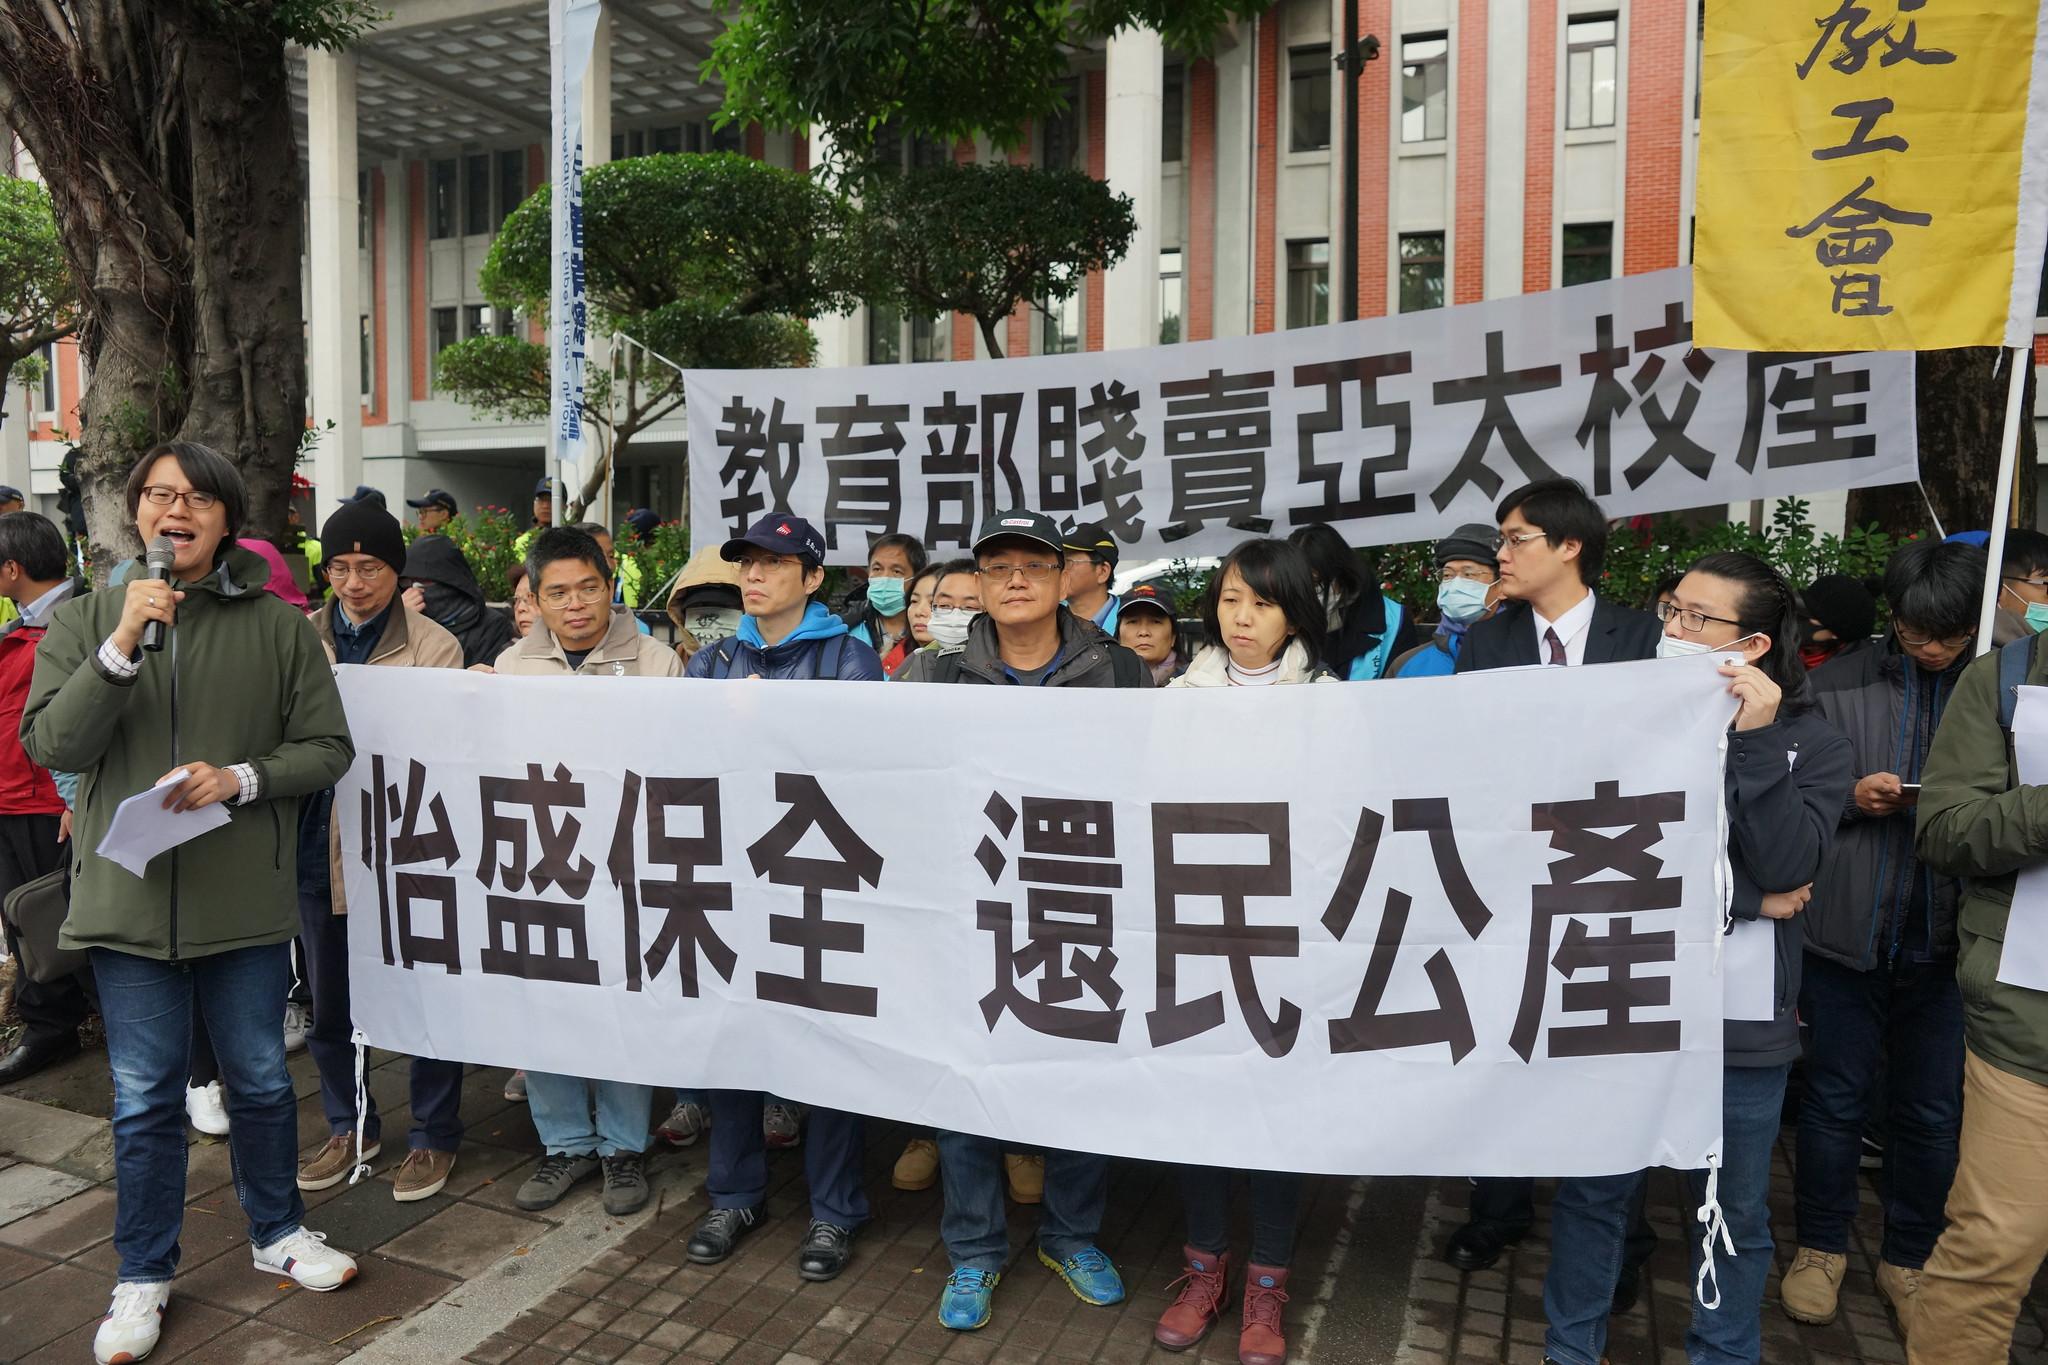 亚太师生与高教工会今天赴教育部要求介入申请解散亚太董事会。(摄影:王颢中)